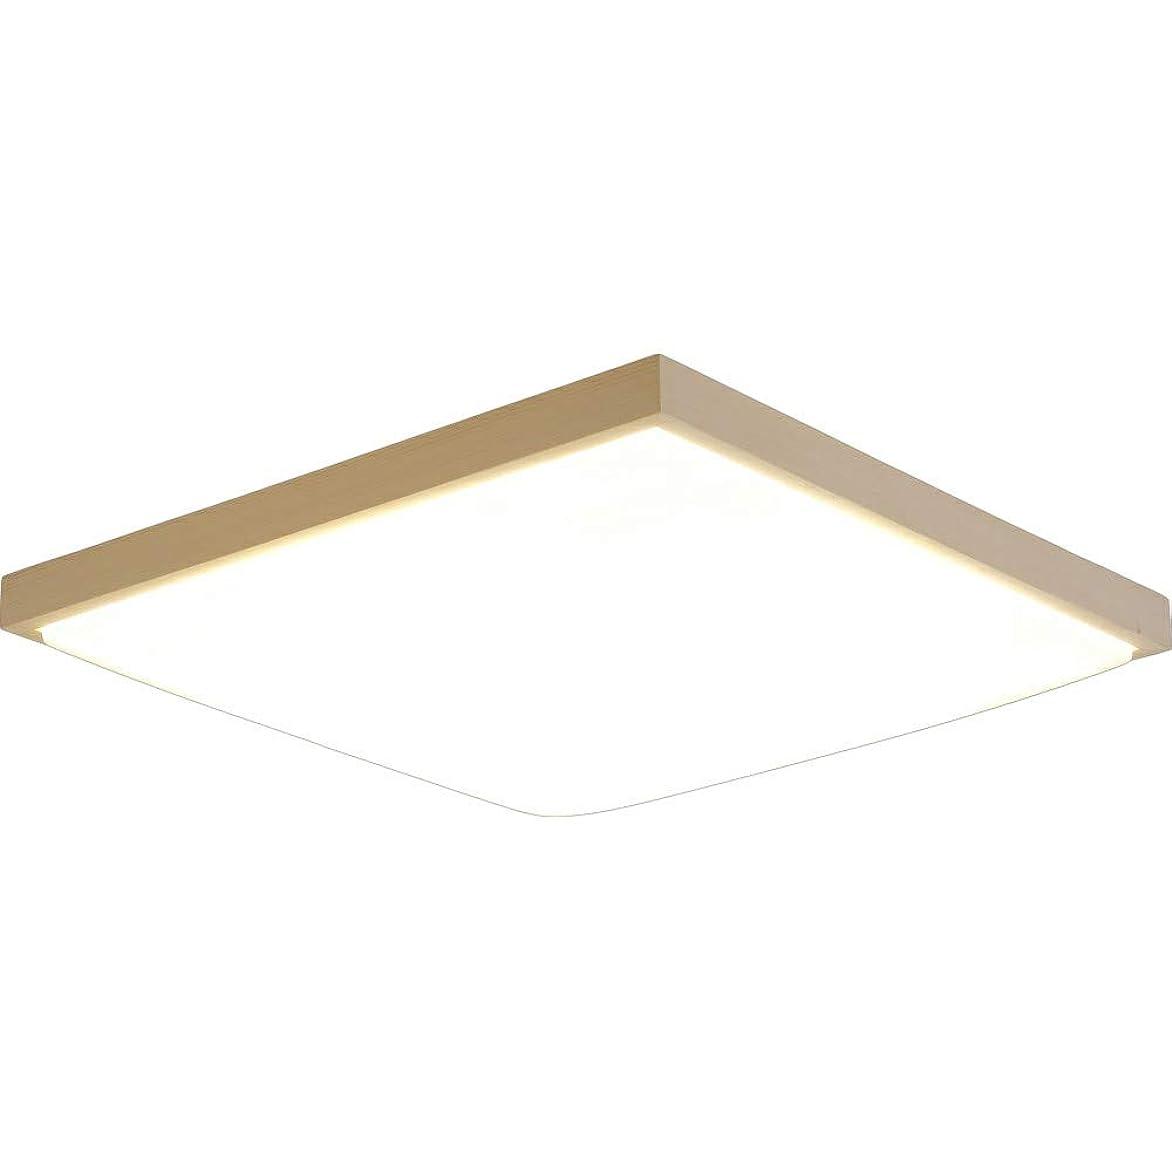 ネットフック役割アイリスオーヤマ 和風LED シーリングライト天然木 角型 調光 調色 タイプ ~8畳 メタルサーキットシリーズ CL8DL-5.1JM